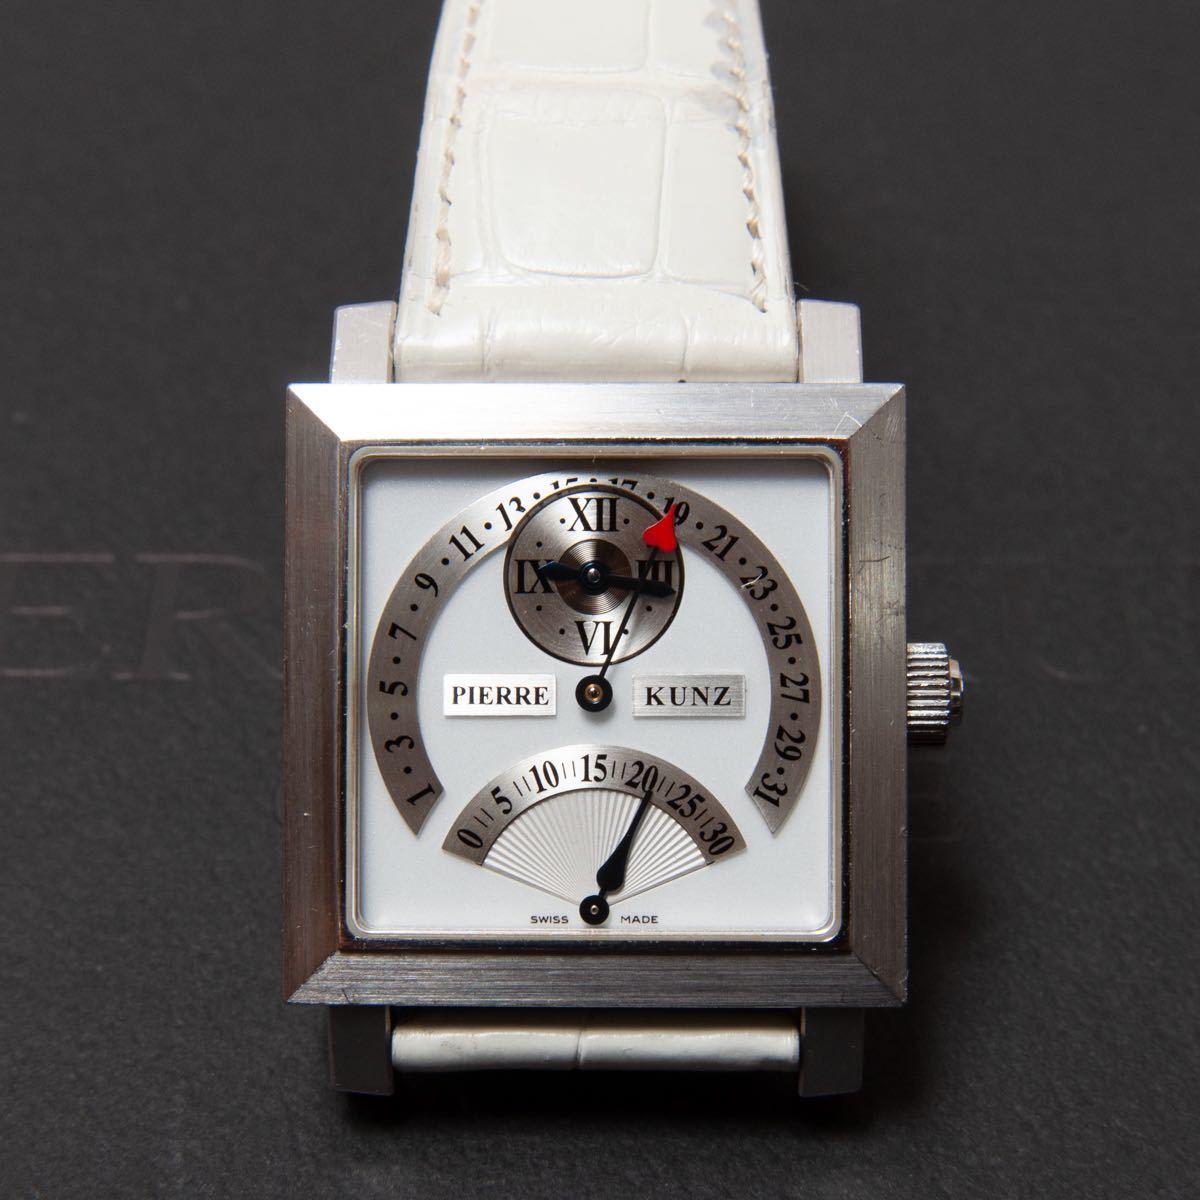 定価168万円 PIERRE KUNZ ピエールクンツ L015 SDR レトログレード セコンド&デイト 18KGGグレーゴールド ホワイトレザー オートマ 腕時計